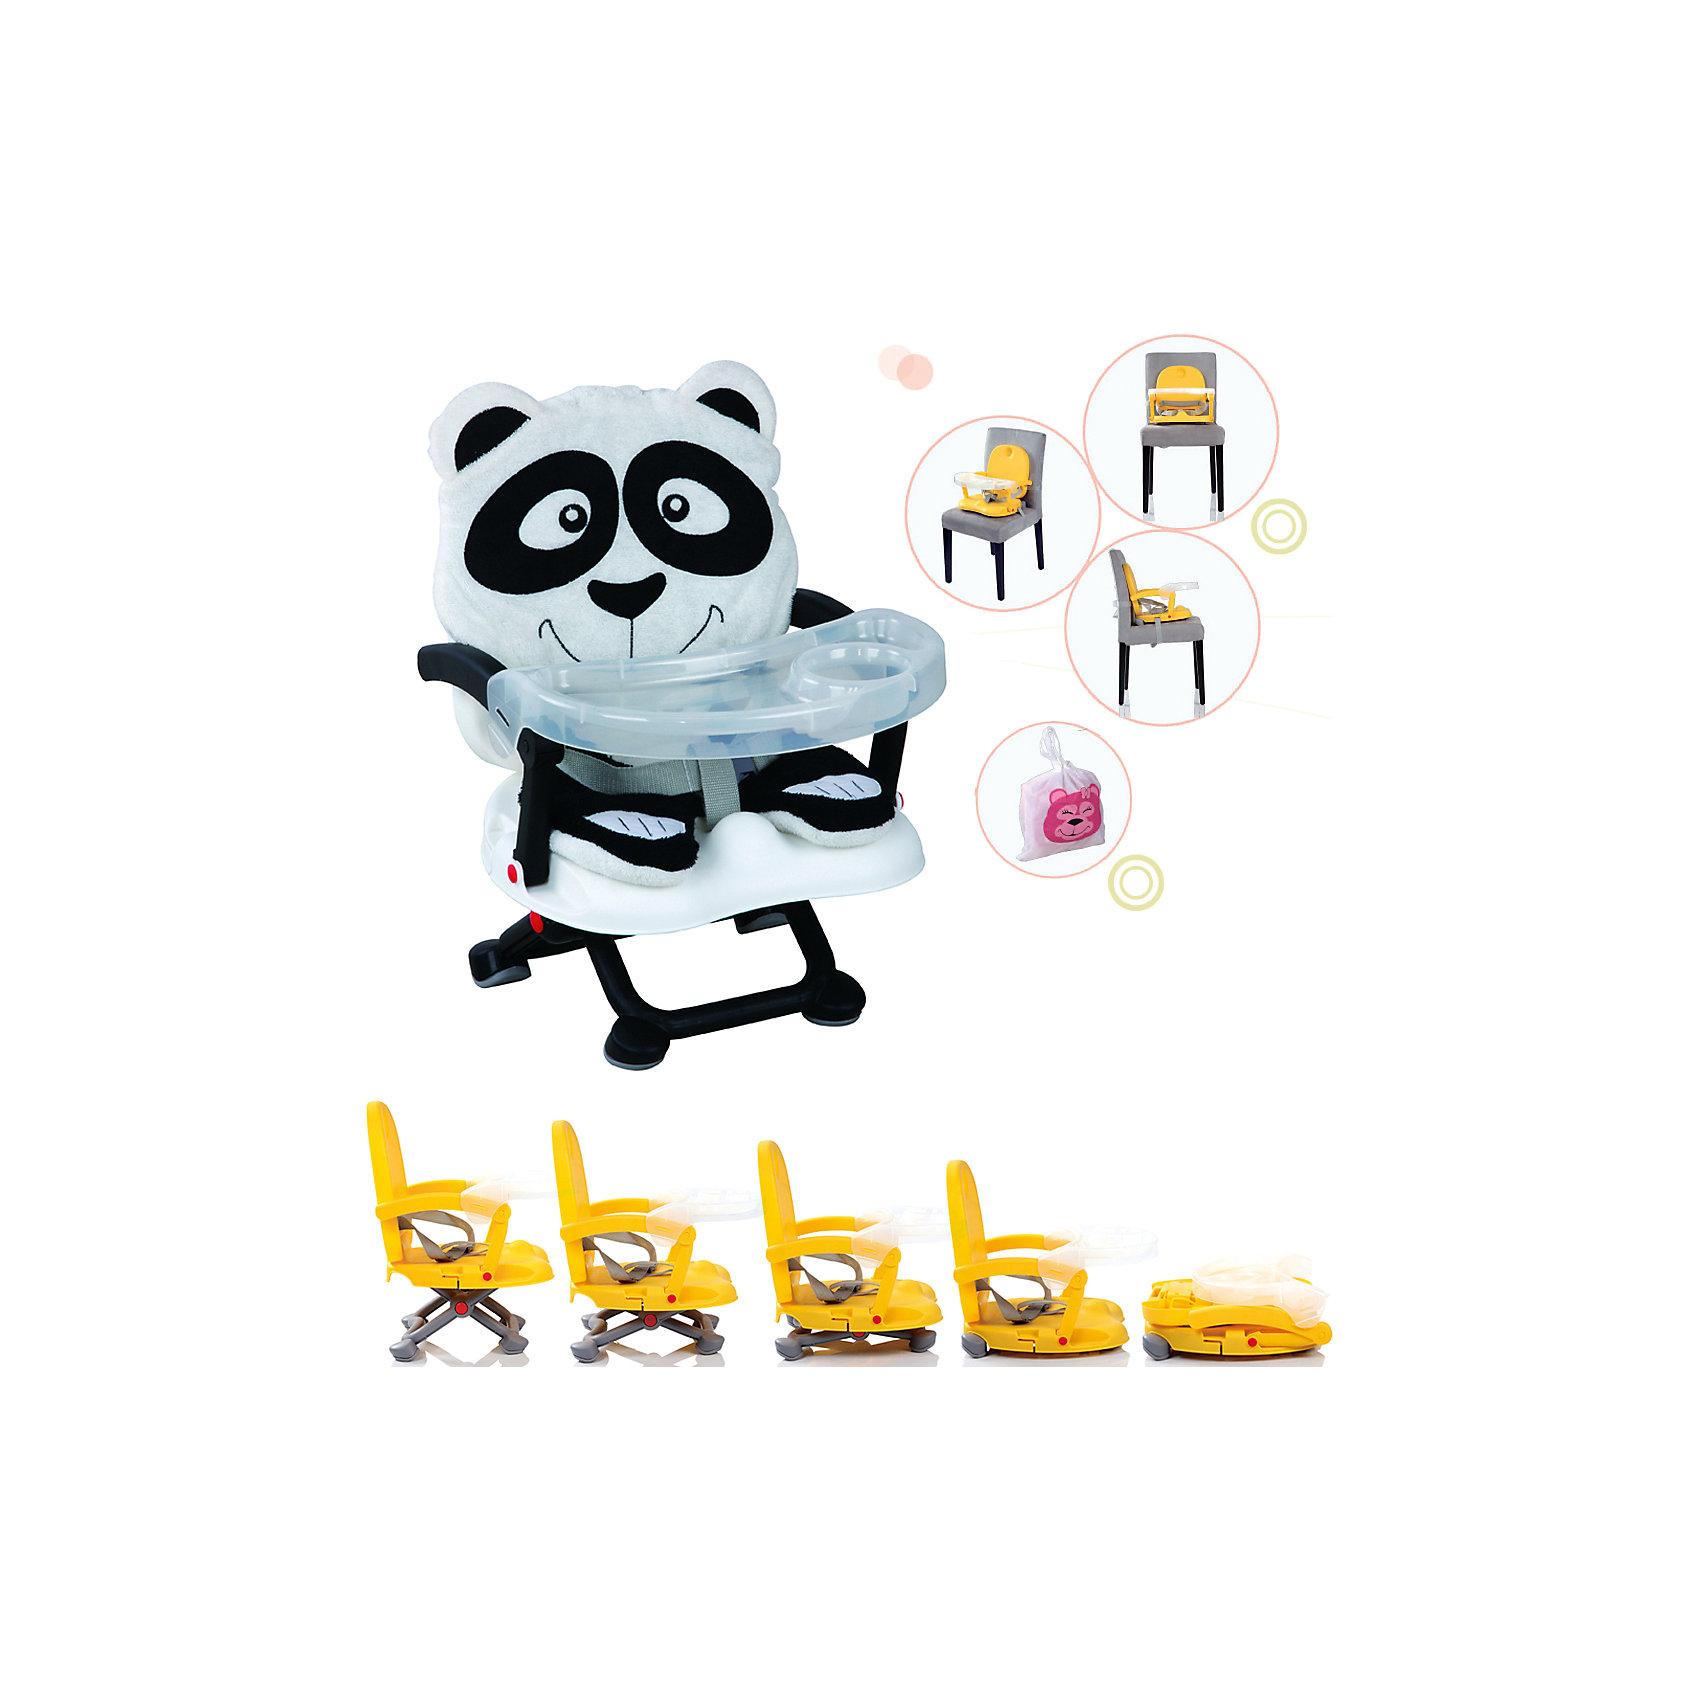 Babies Стульчик для кормления H-1, Babies, Panda babies стульчик для кормления h 1 babies panda